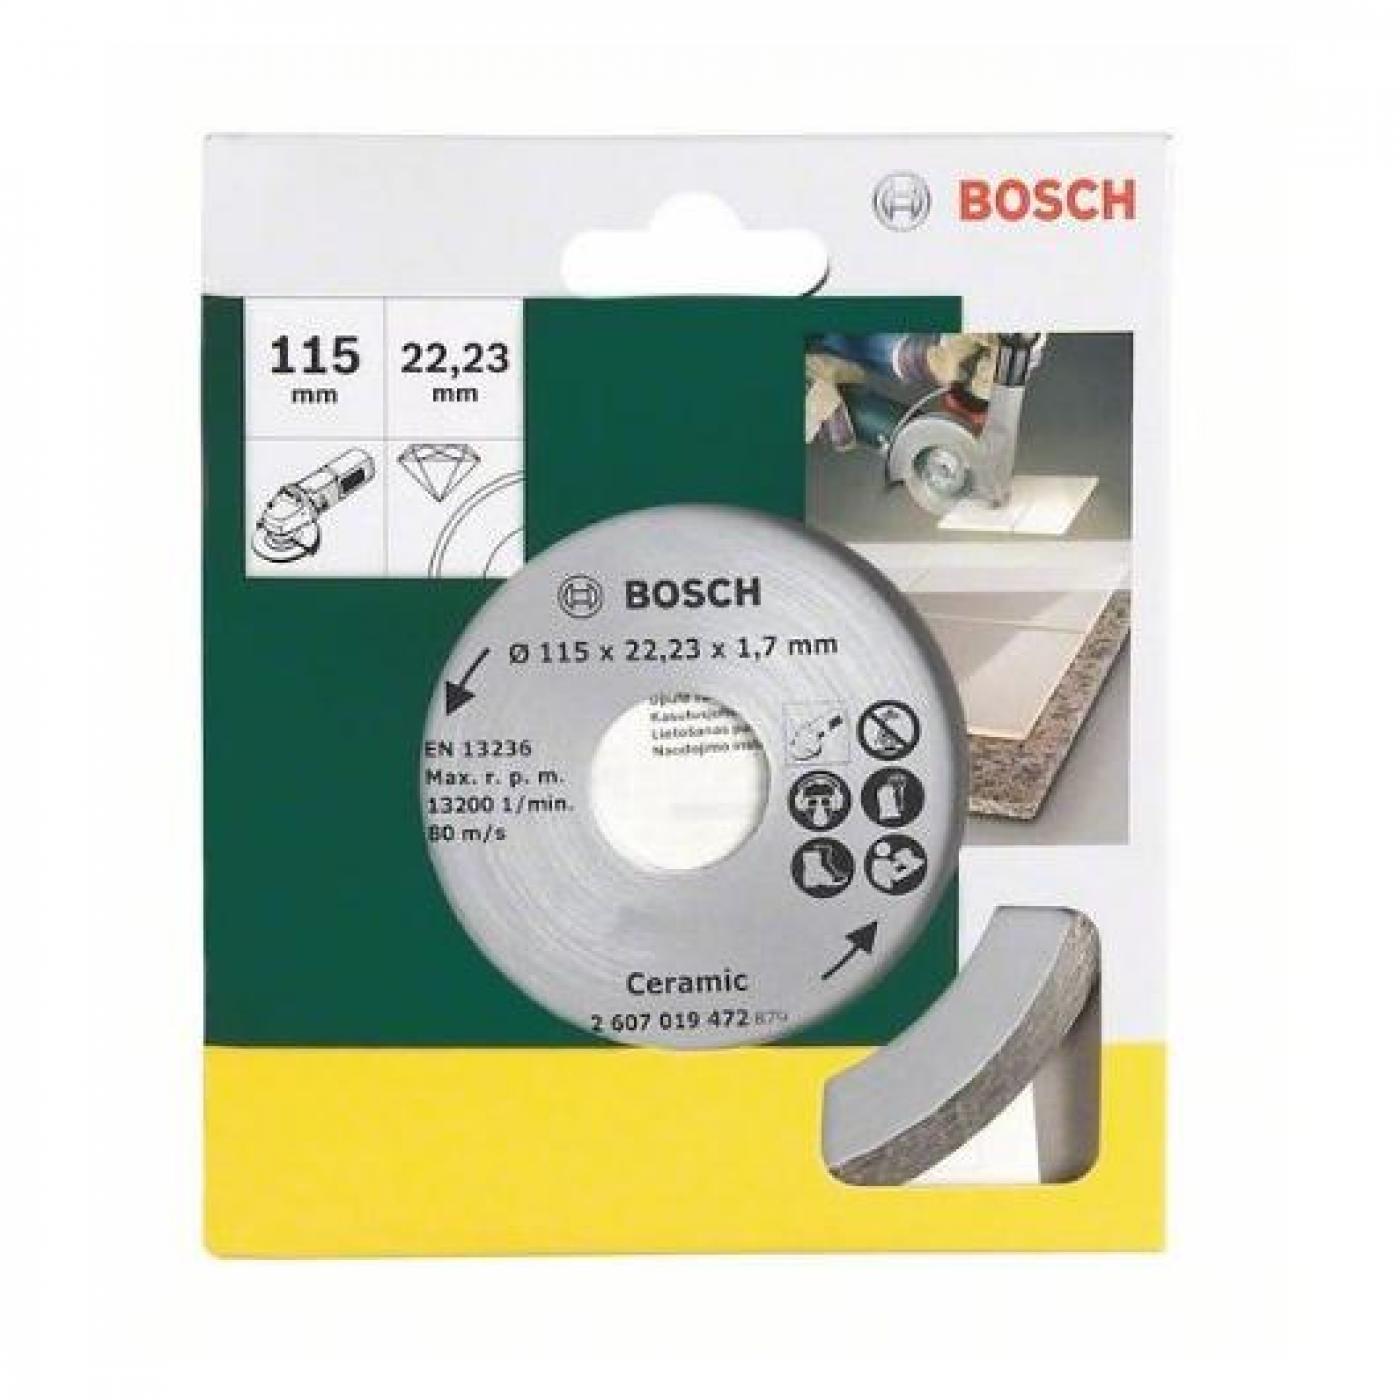 Disco di taglio diamante per piastrelle 115mm per 11 03 - Disco taglio piastrelle ...